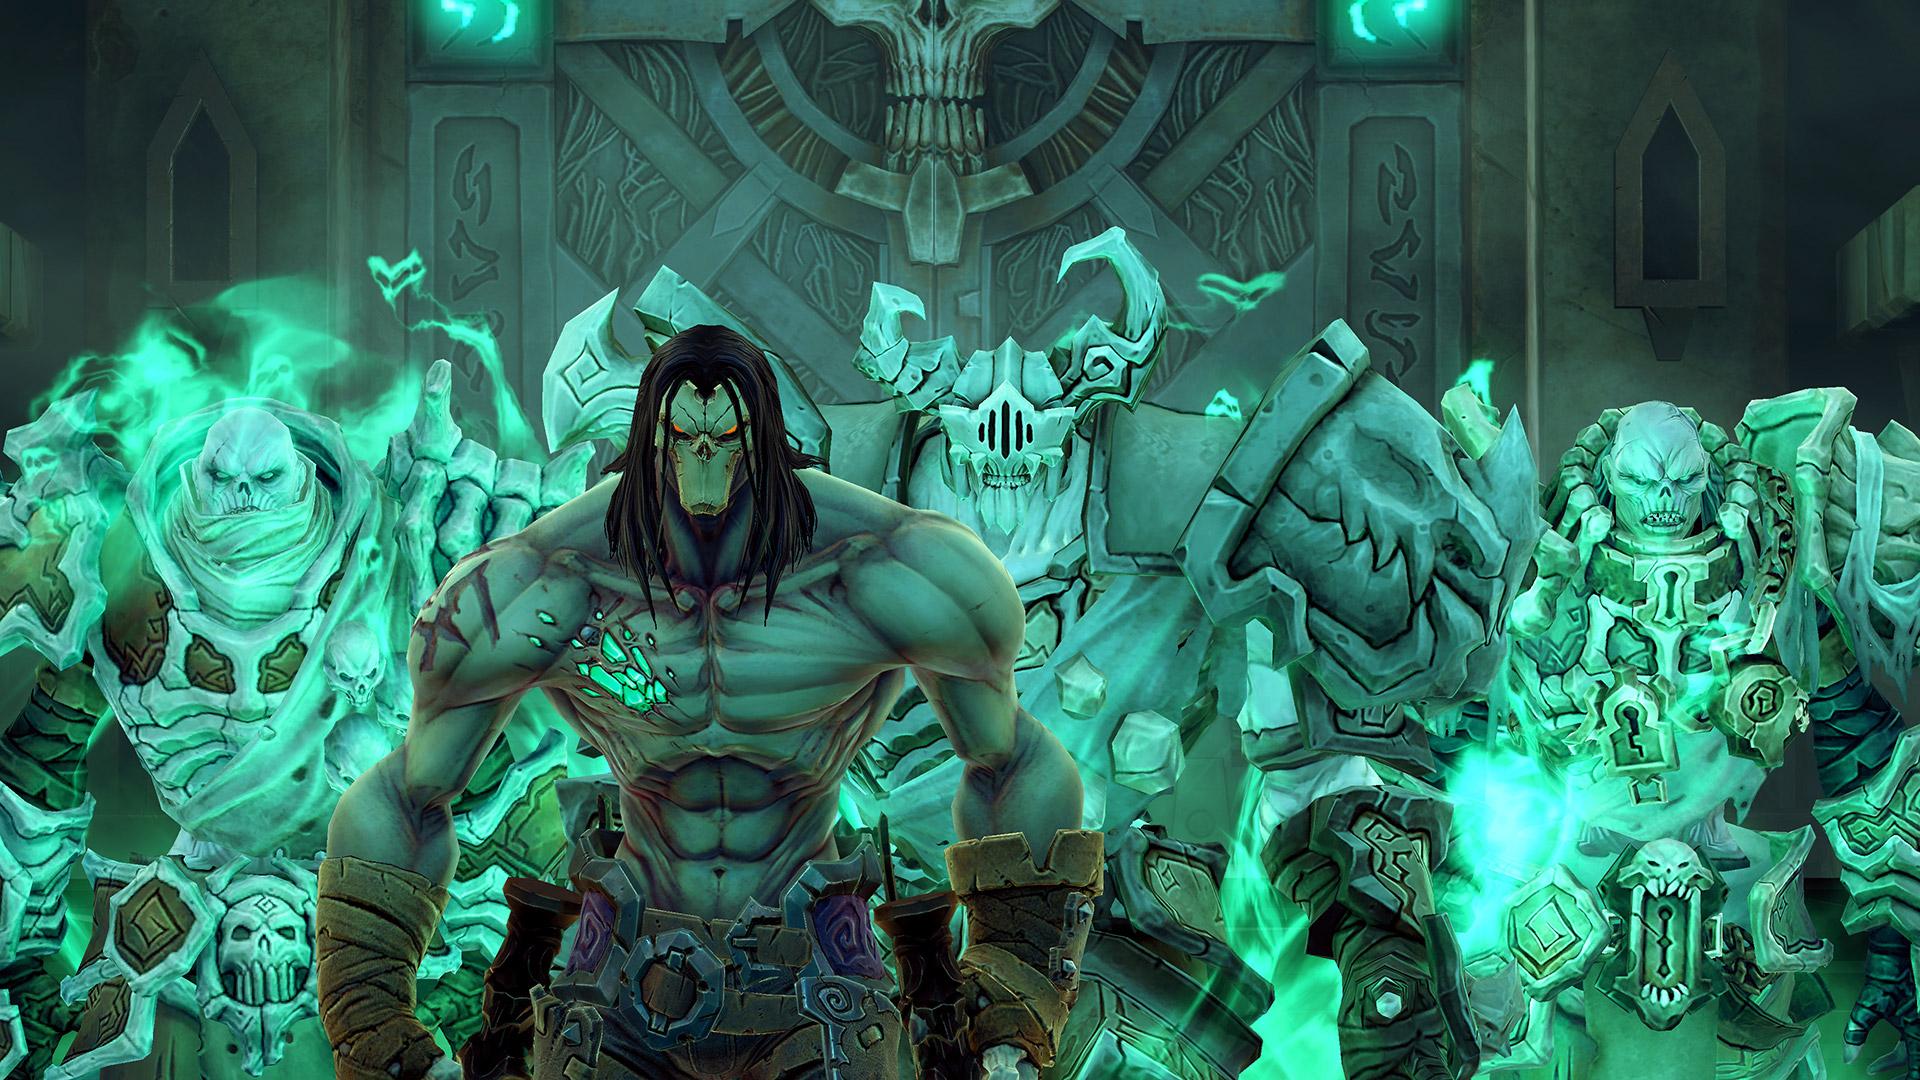 Darksiders II Xbox One Screenshot